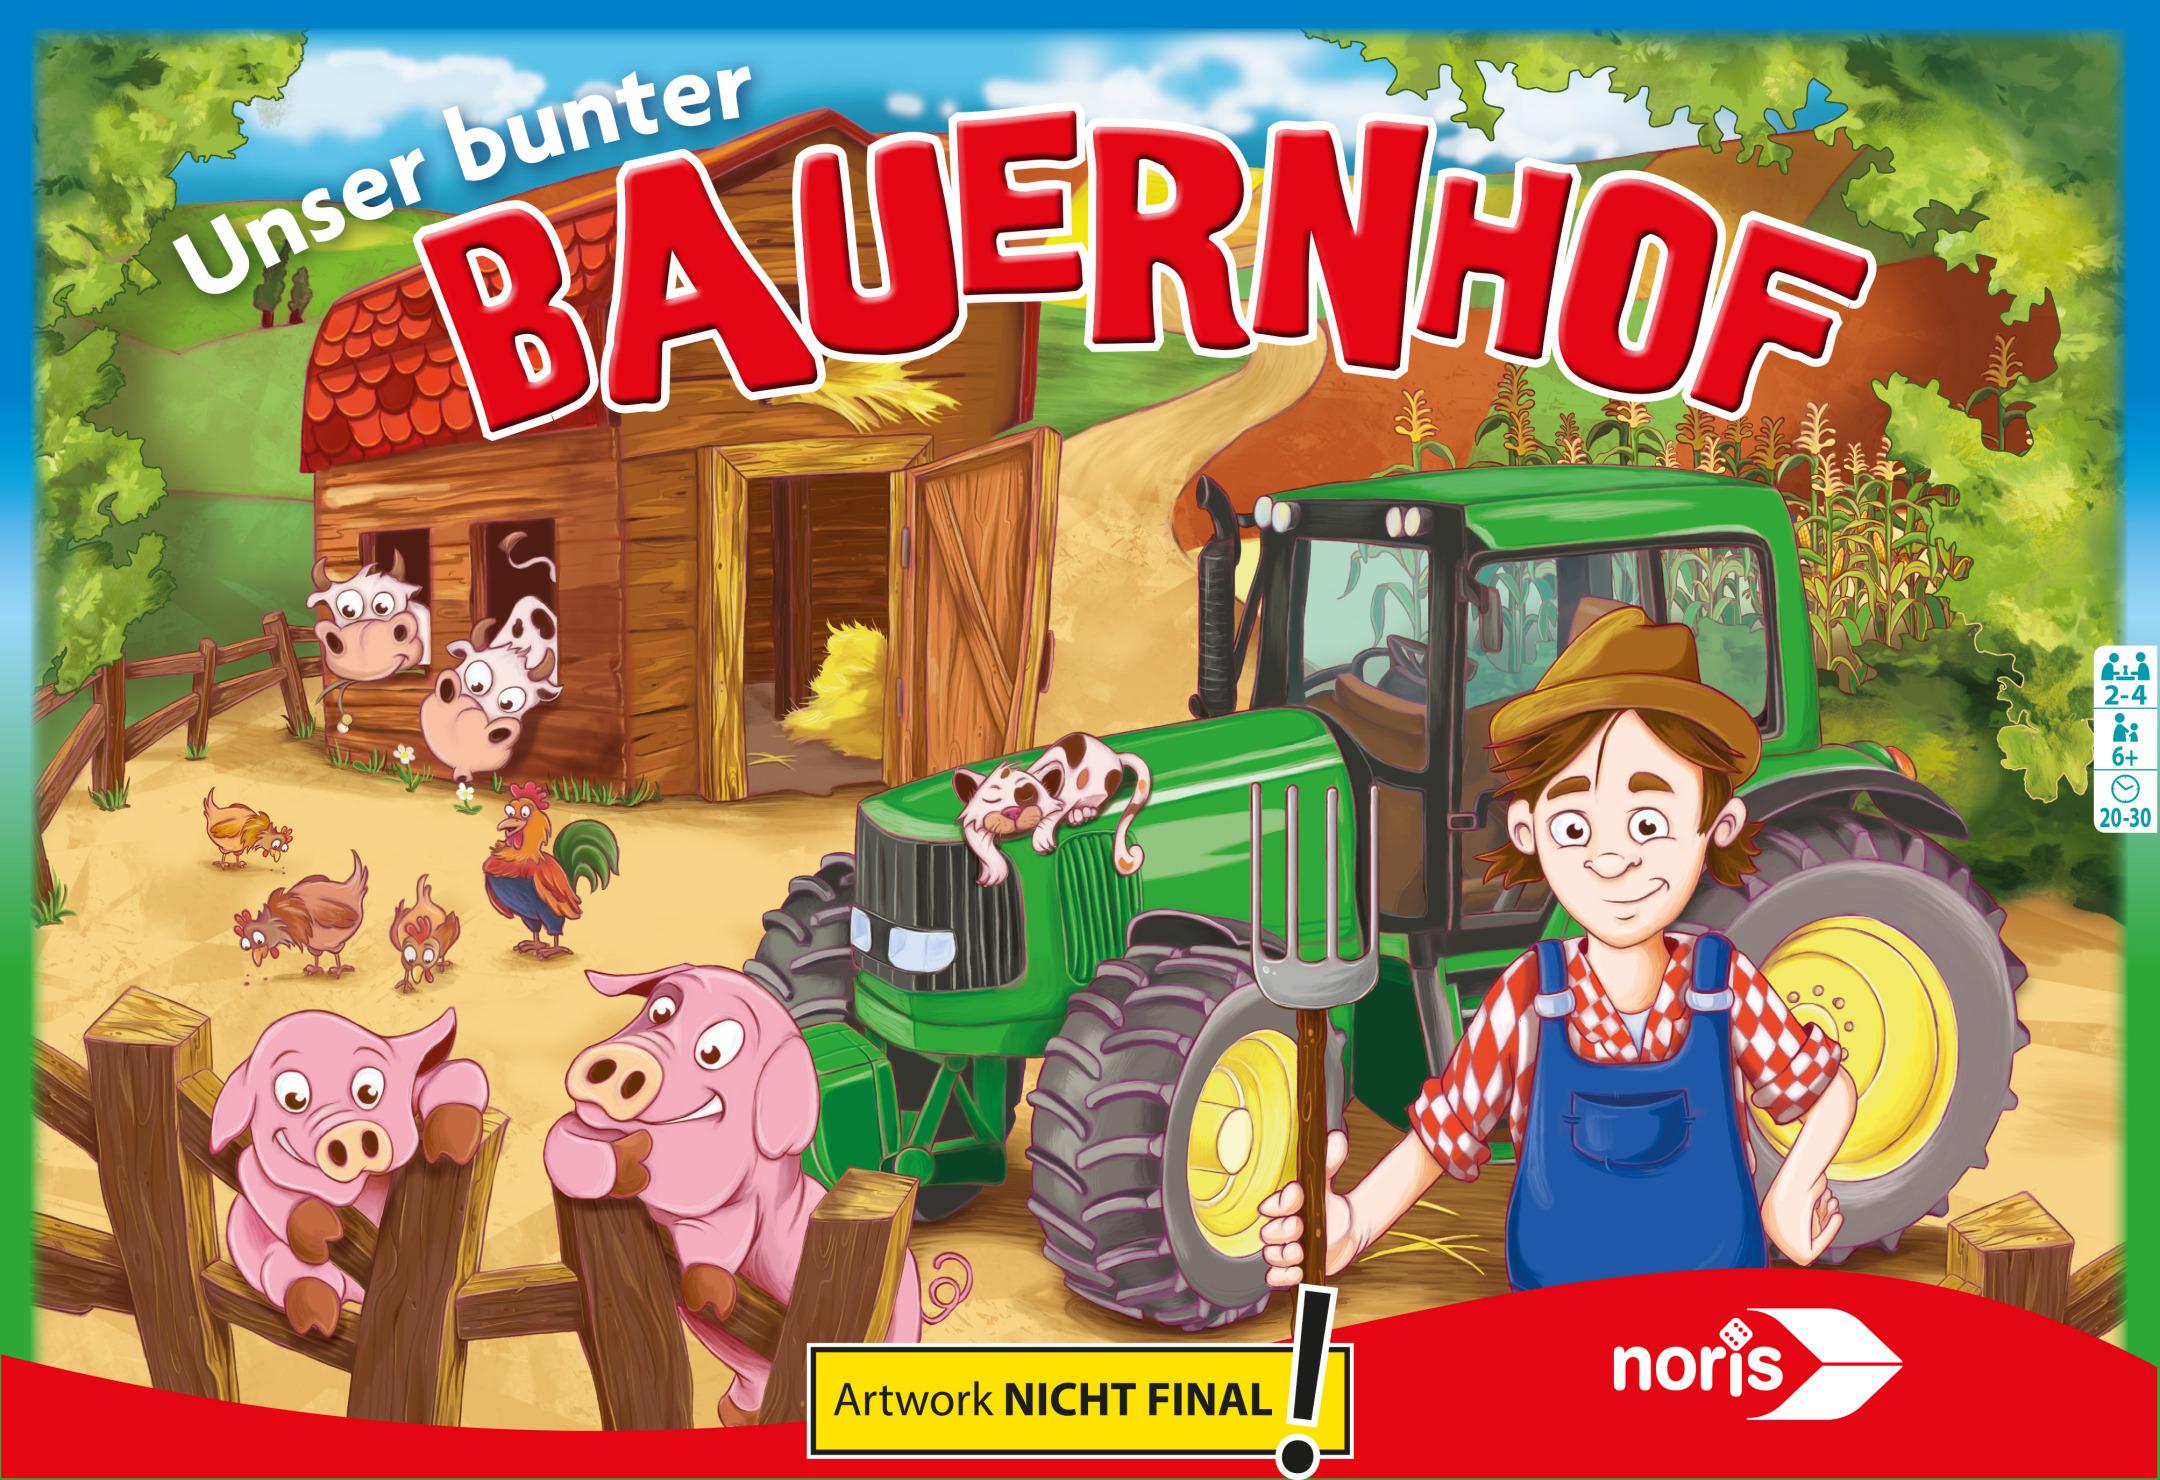 Themenspiel - Unser bunter Bauernhof